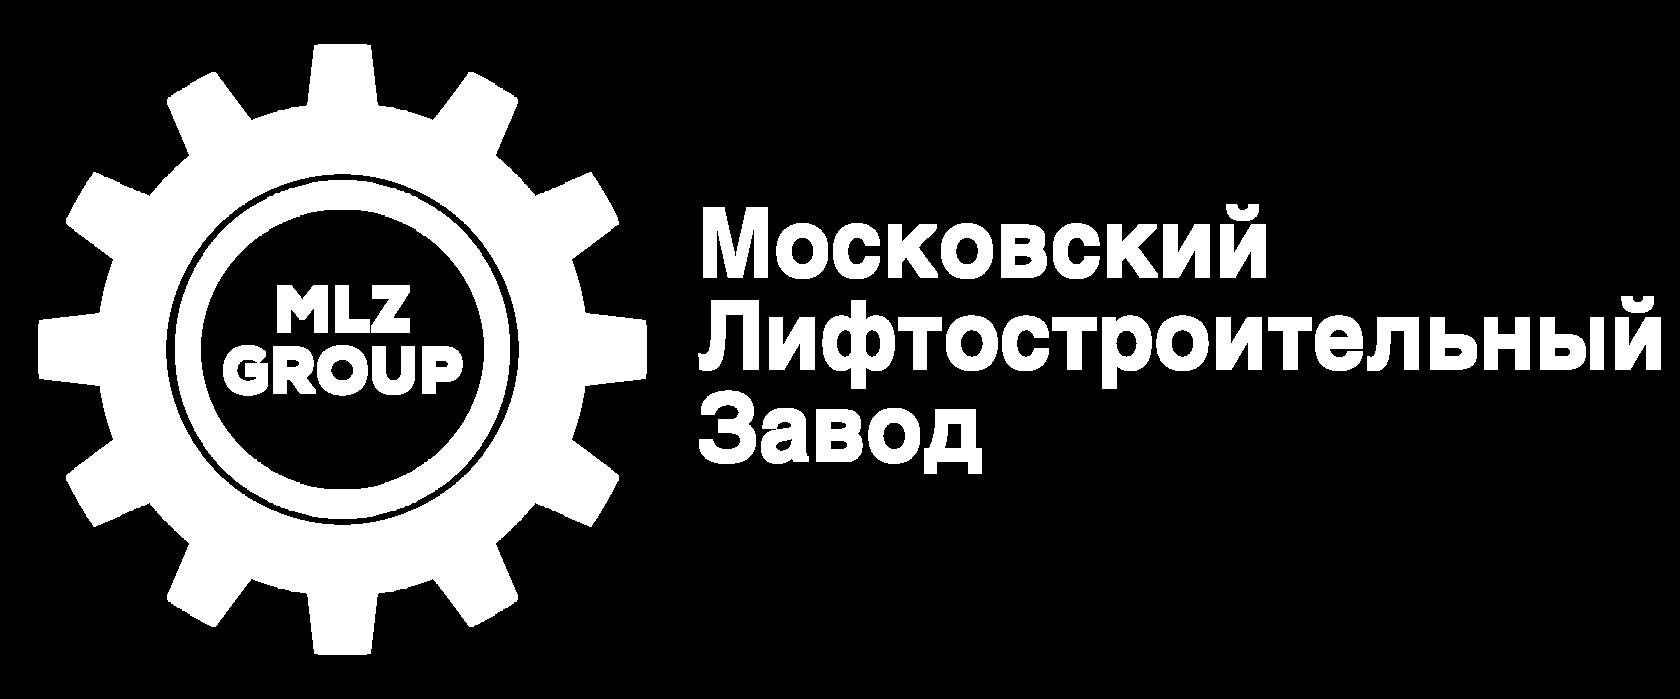 Москвоский лифтостроительный завод